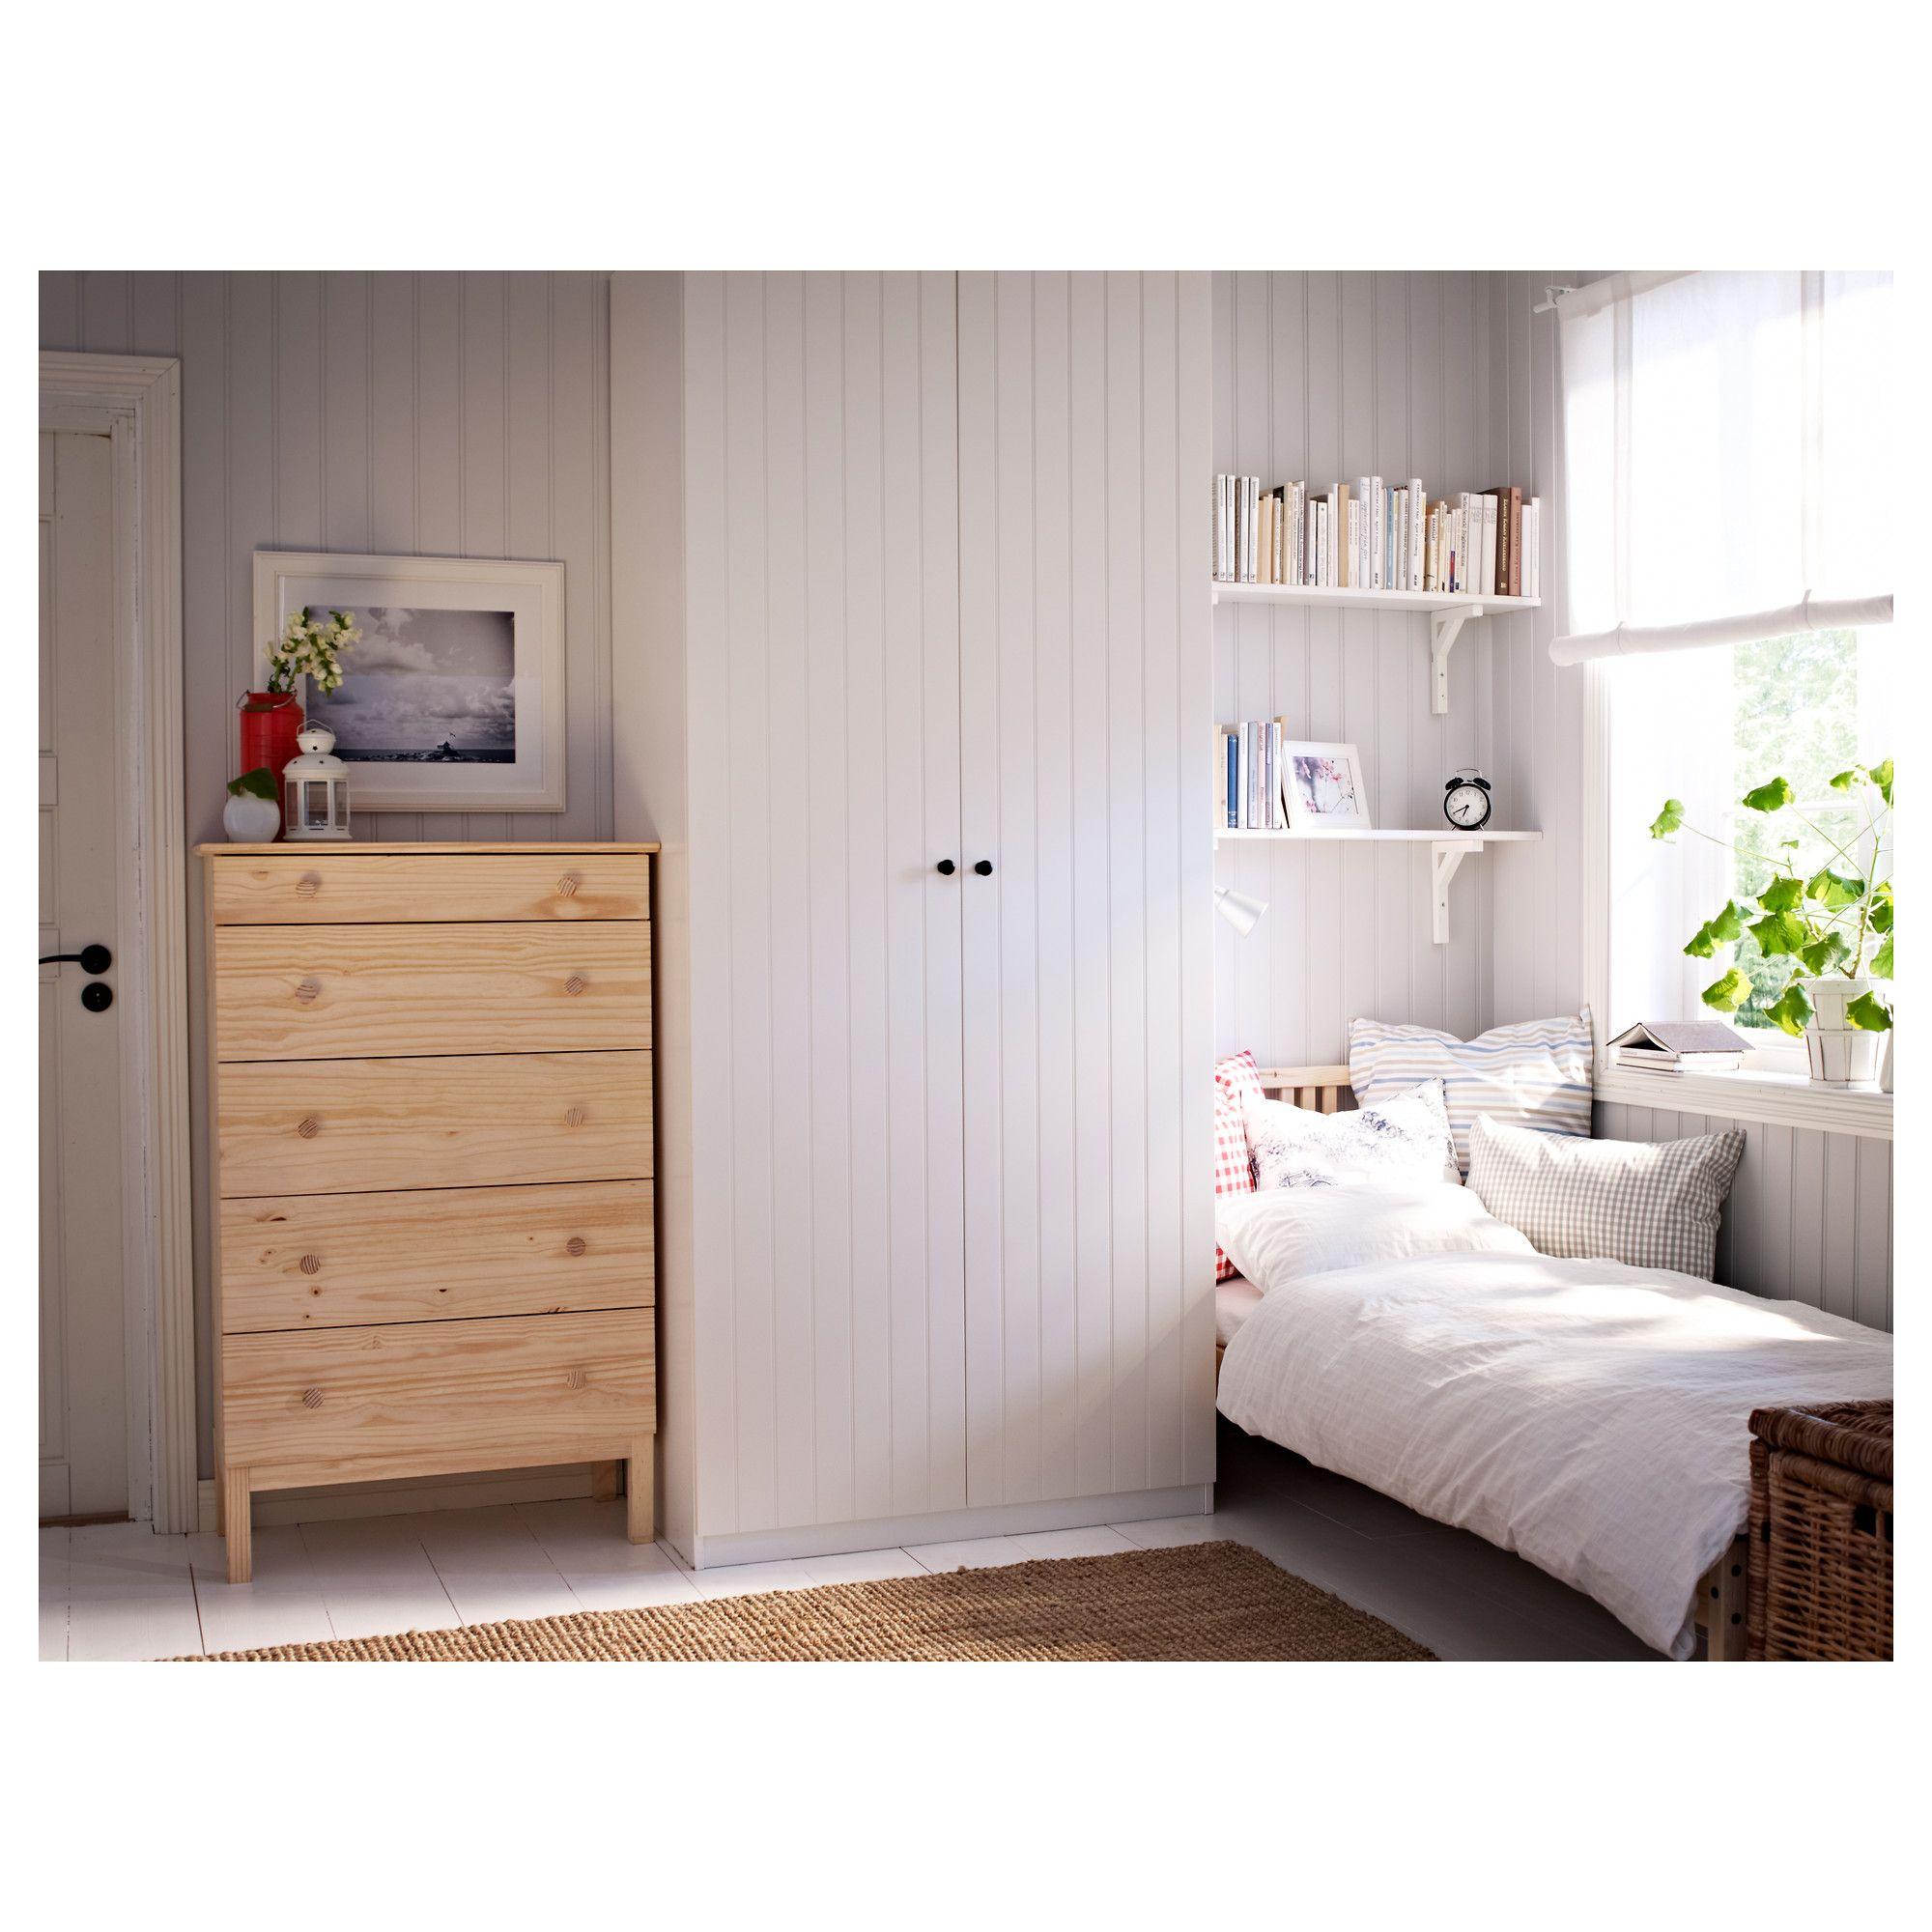 Erkunde Luftige Schlafzimmer und noch mehr